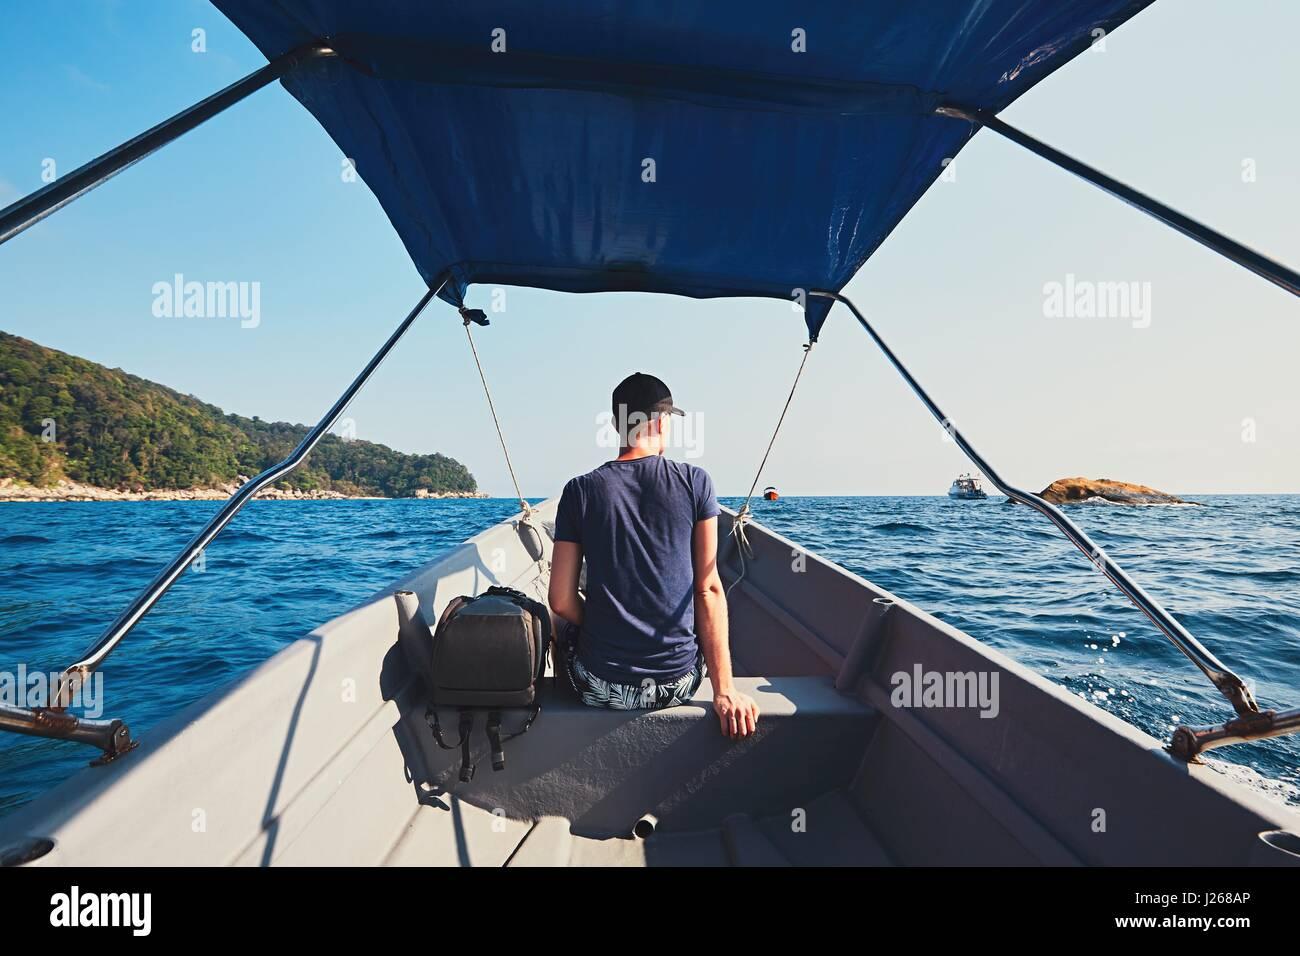 Aventura en el mar. Joven viajar por lancha. Imagen De Stock